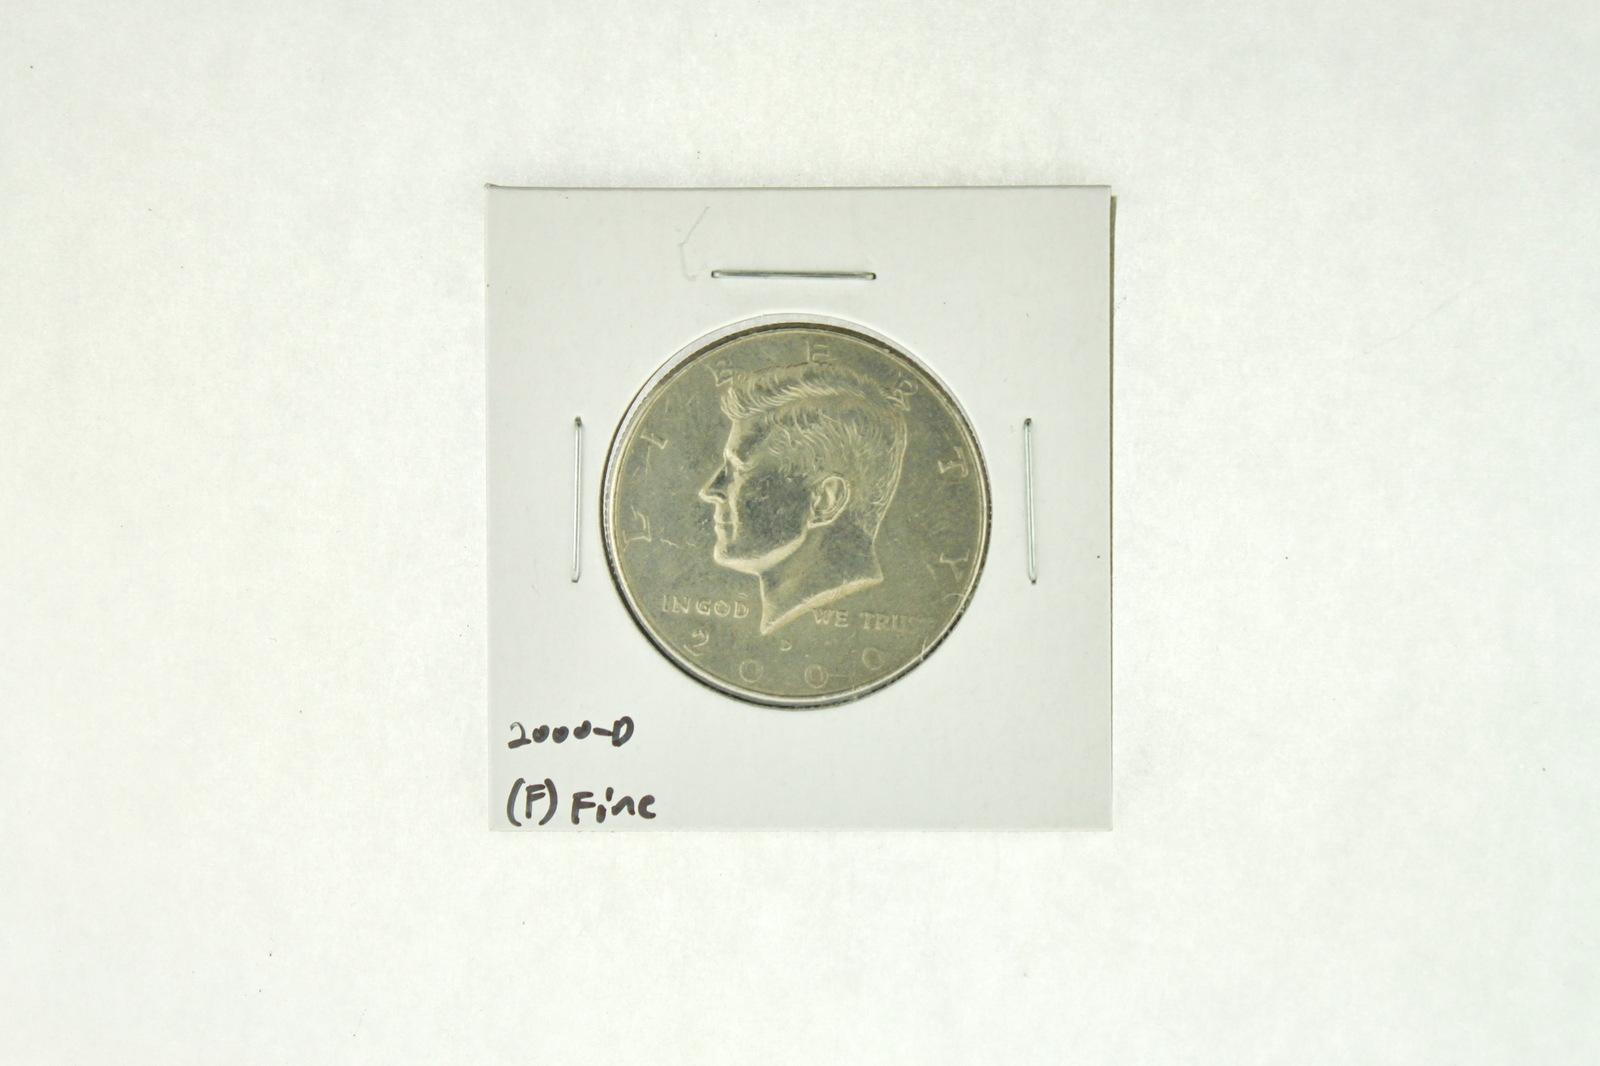 2000-D Kennedy Half Dollar (F) Fine N2-4008-8